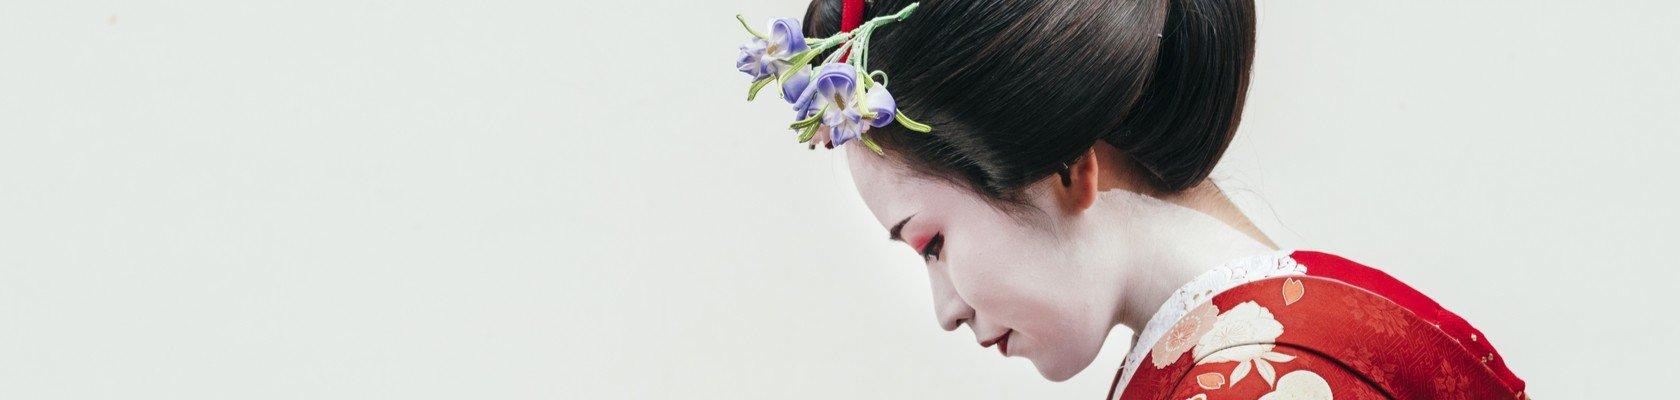 Een echte geisha